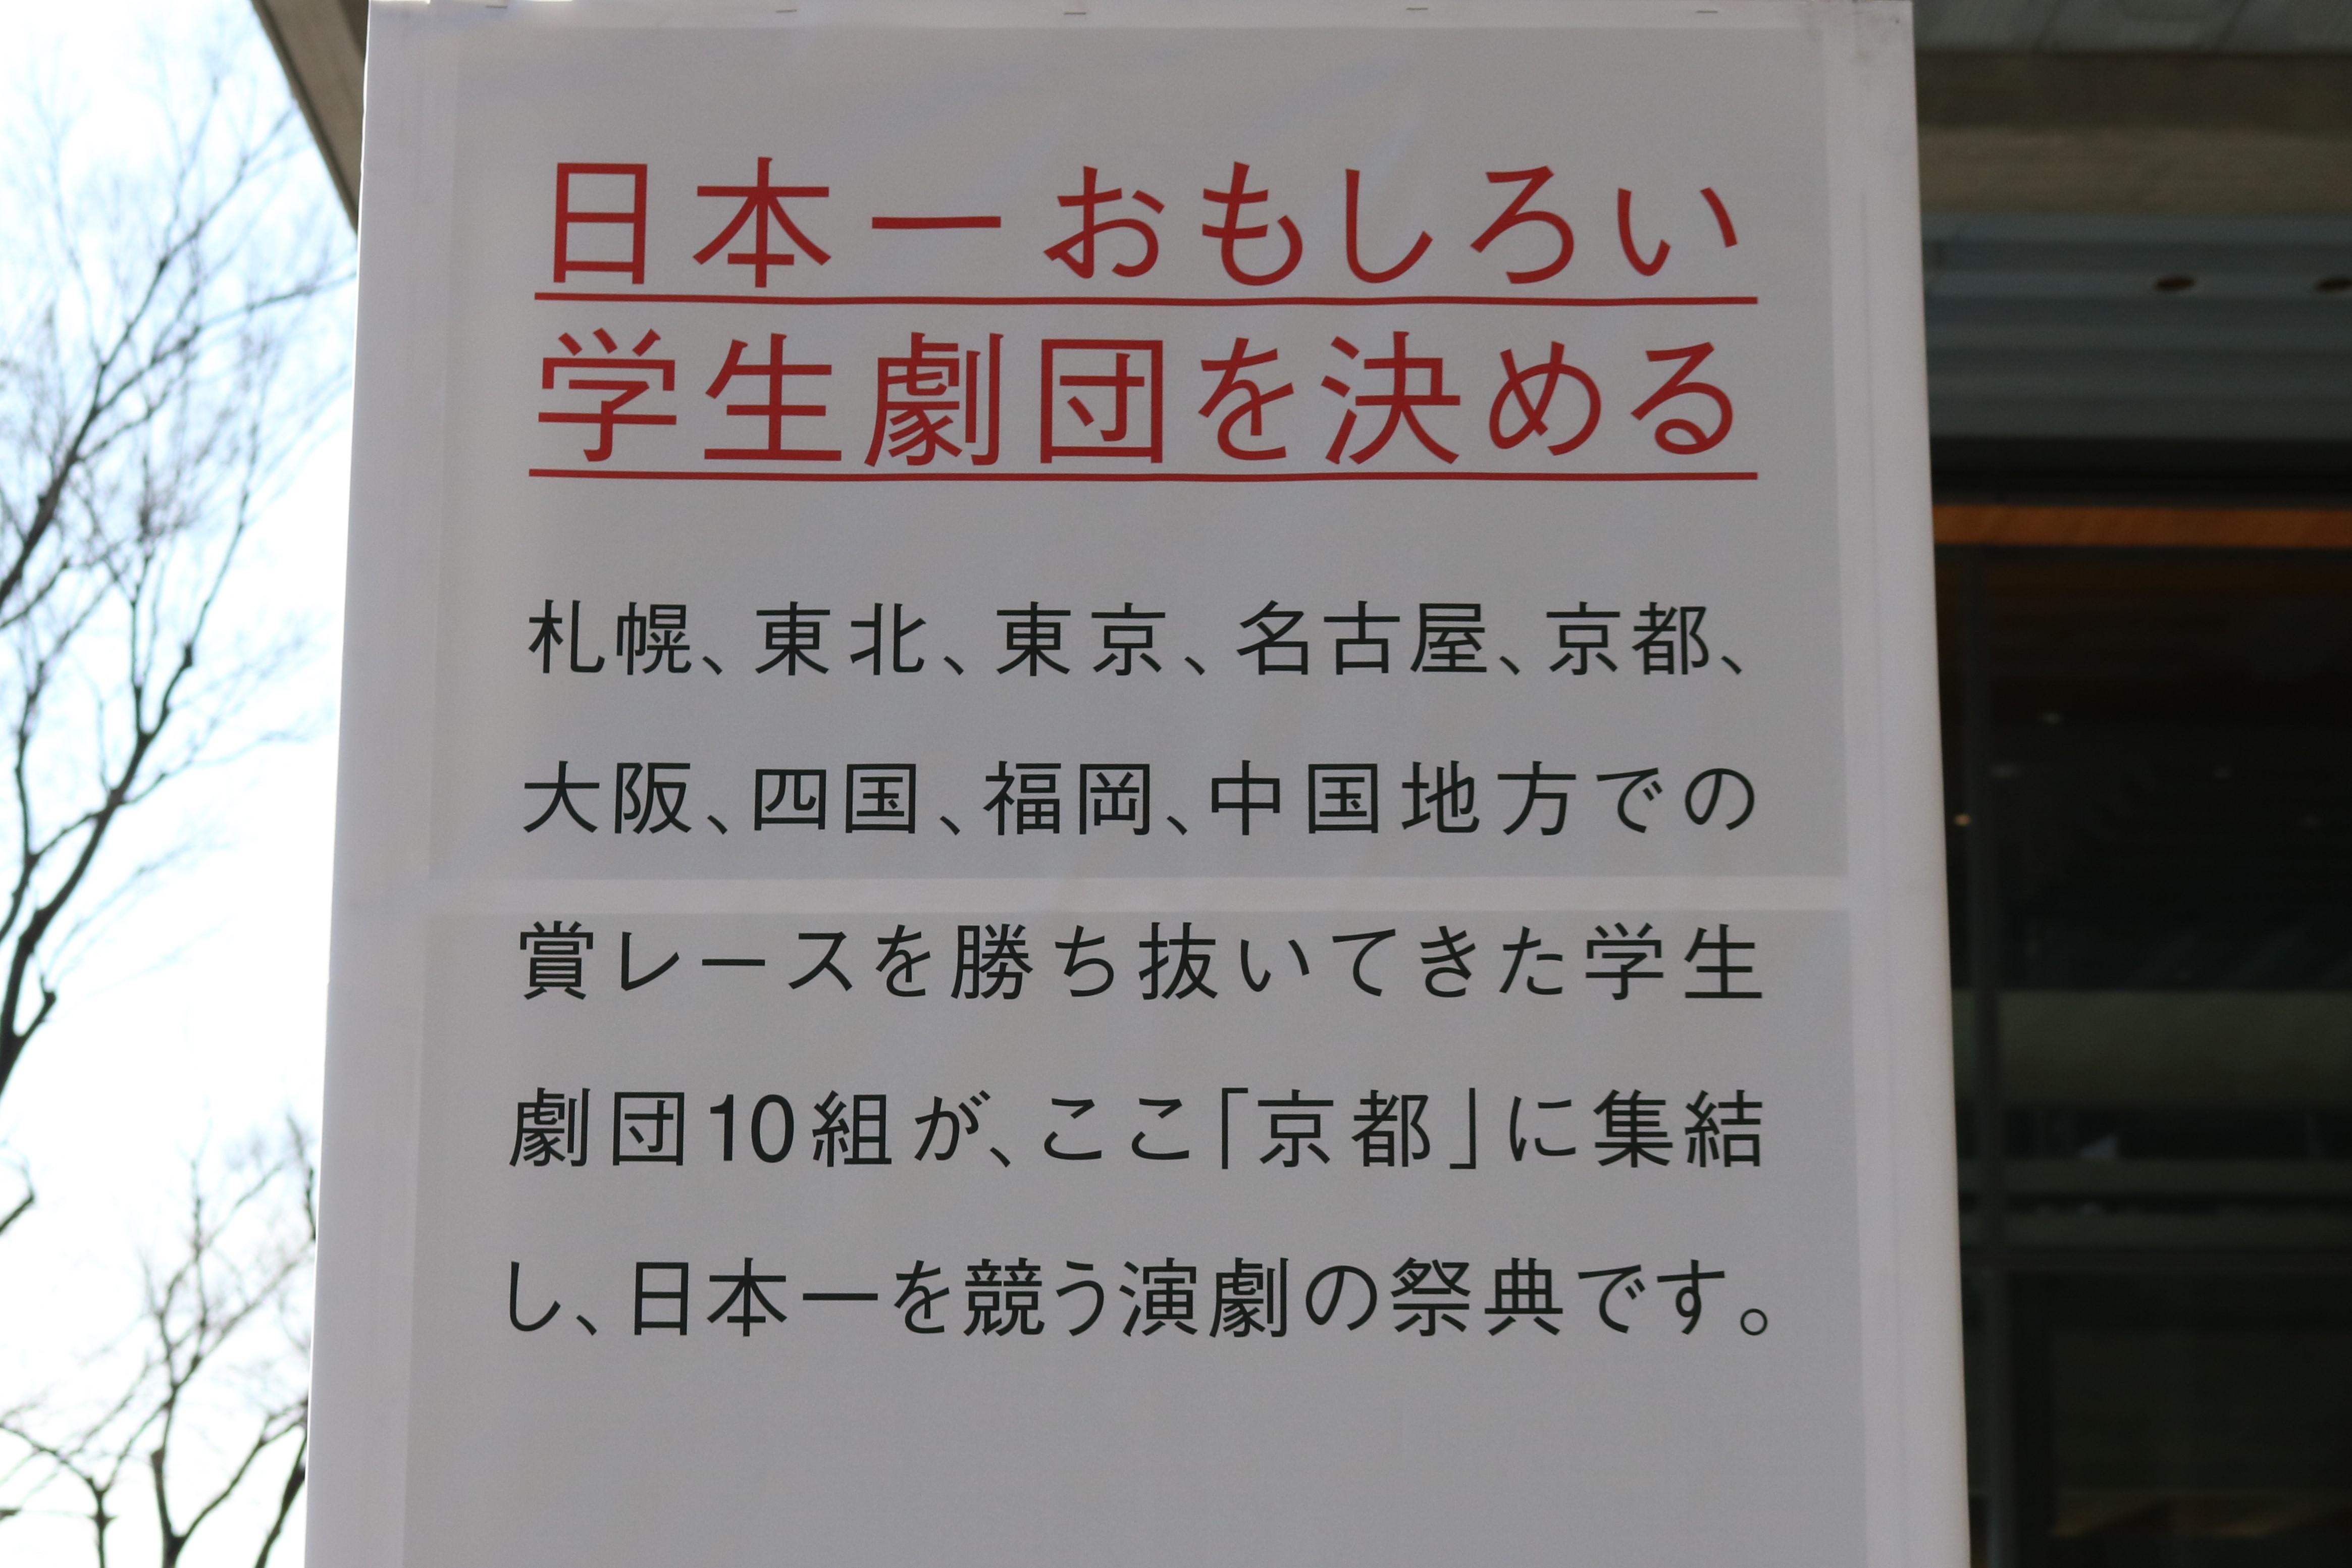 大学で演劇をやるなら京都!?  京都で掴む、学生演劇の頂点!! 全国学生演劇祭